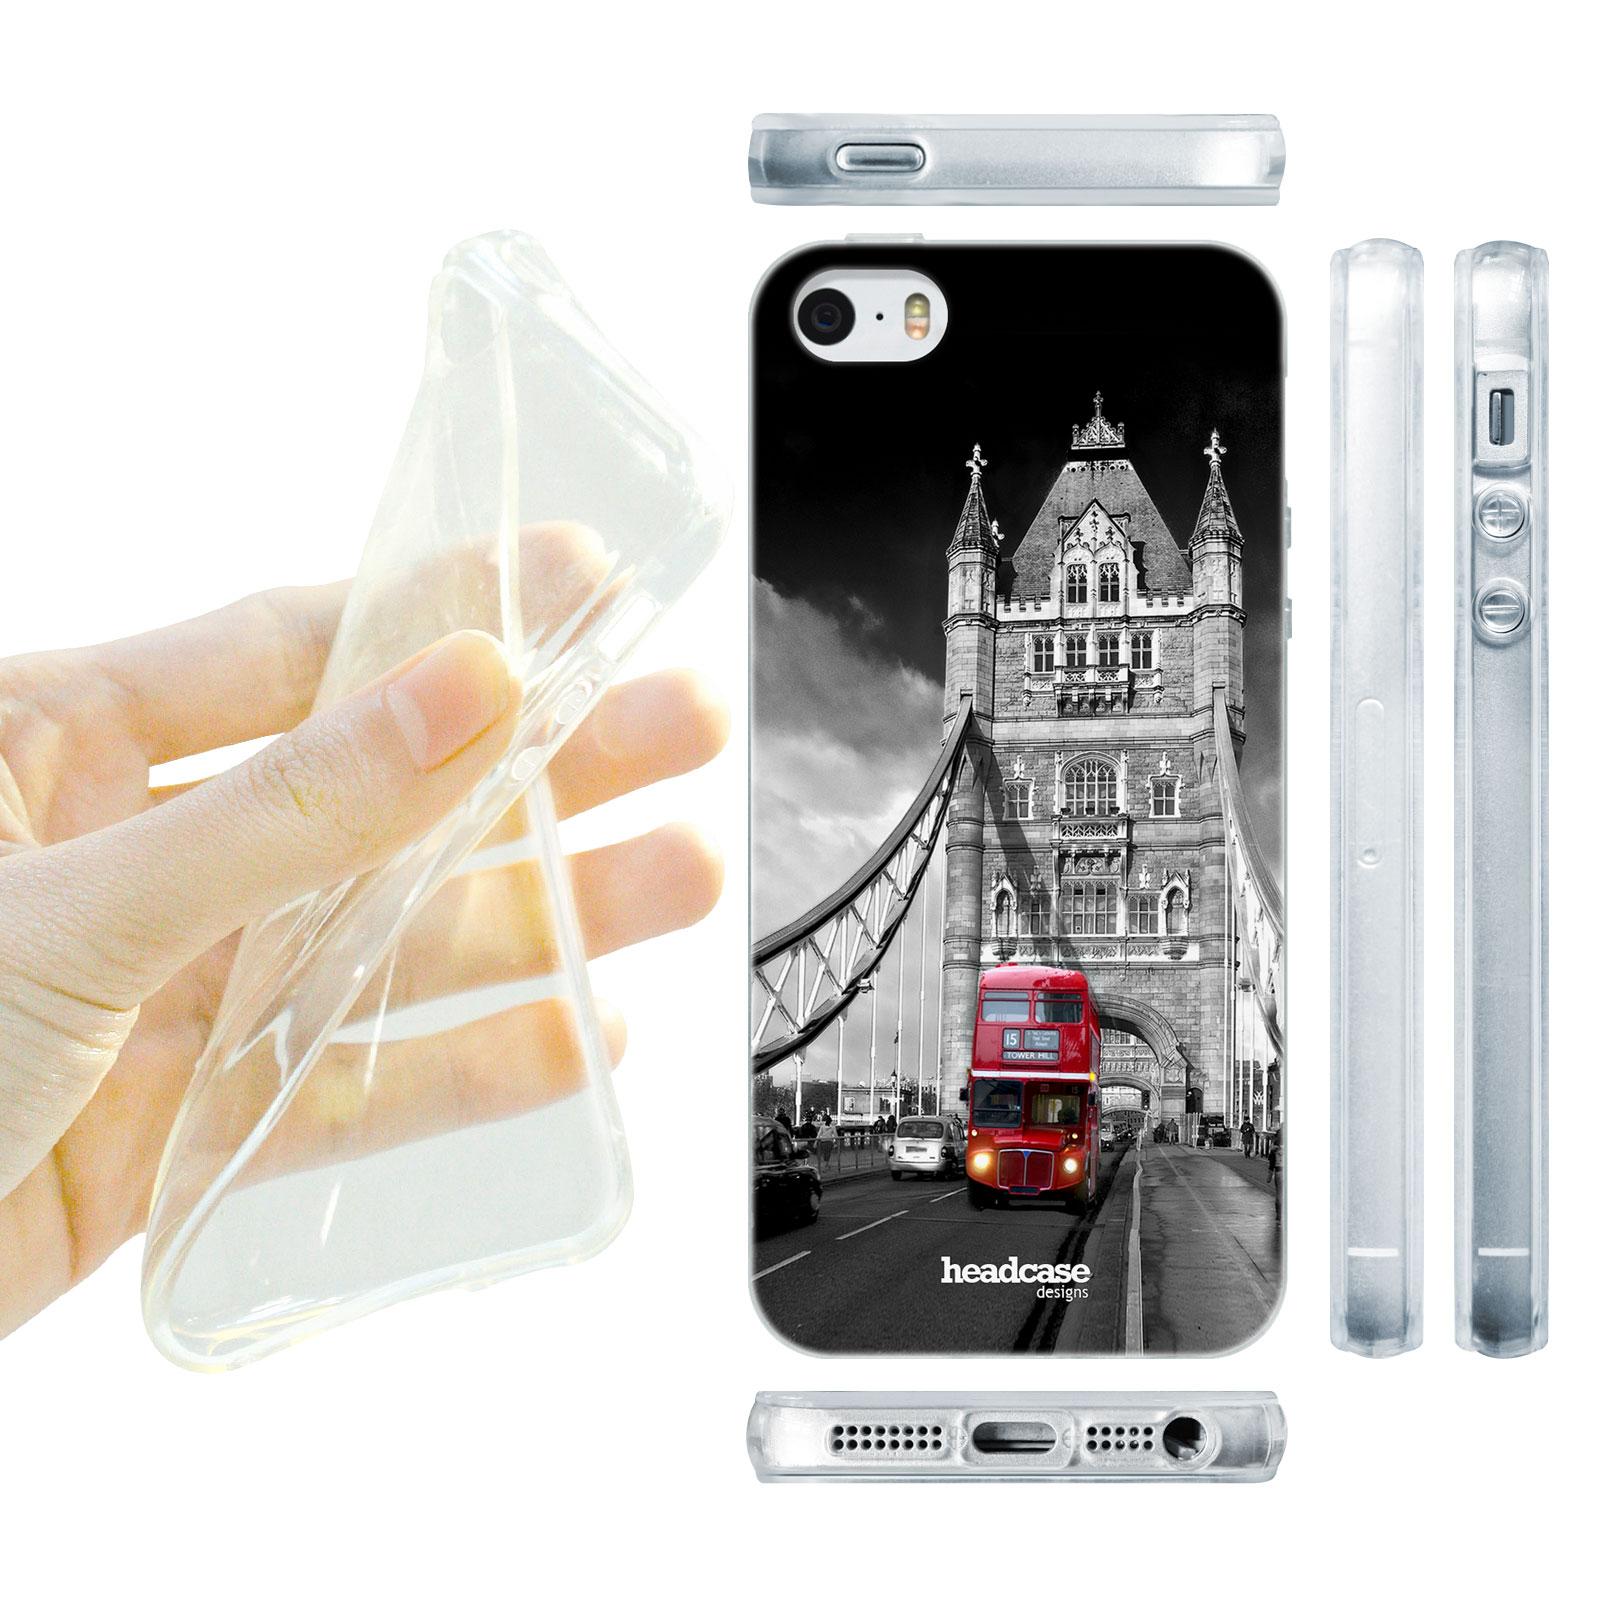 71565317f HEAD CASE silikonový obal na mobil Iphone 5/5S nejkrásnější místa Londýn  most